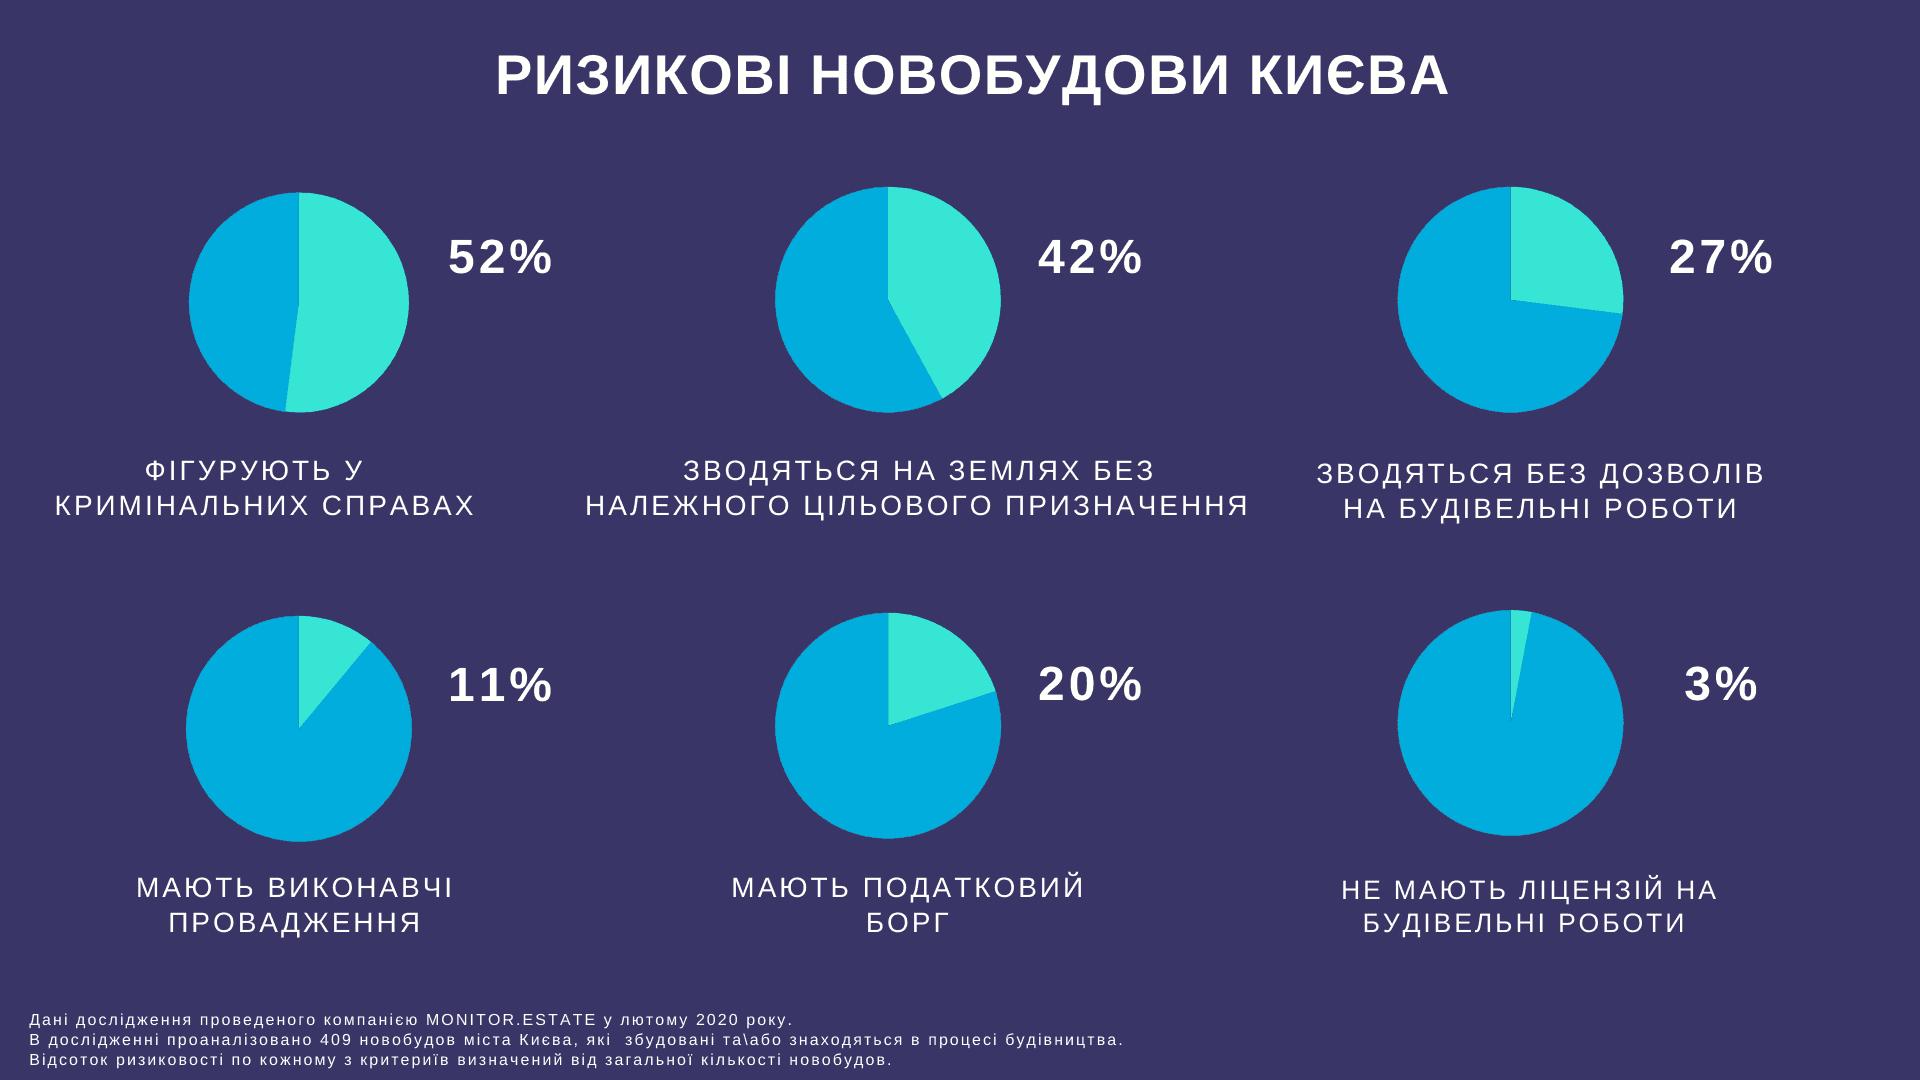 52% новостроек в Киеве являются рискованными